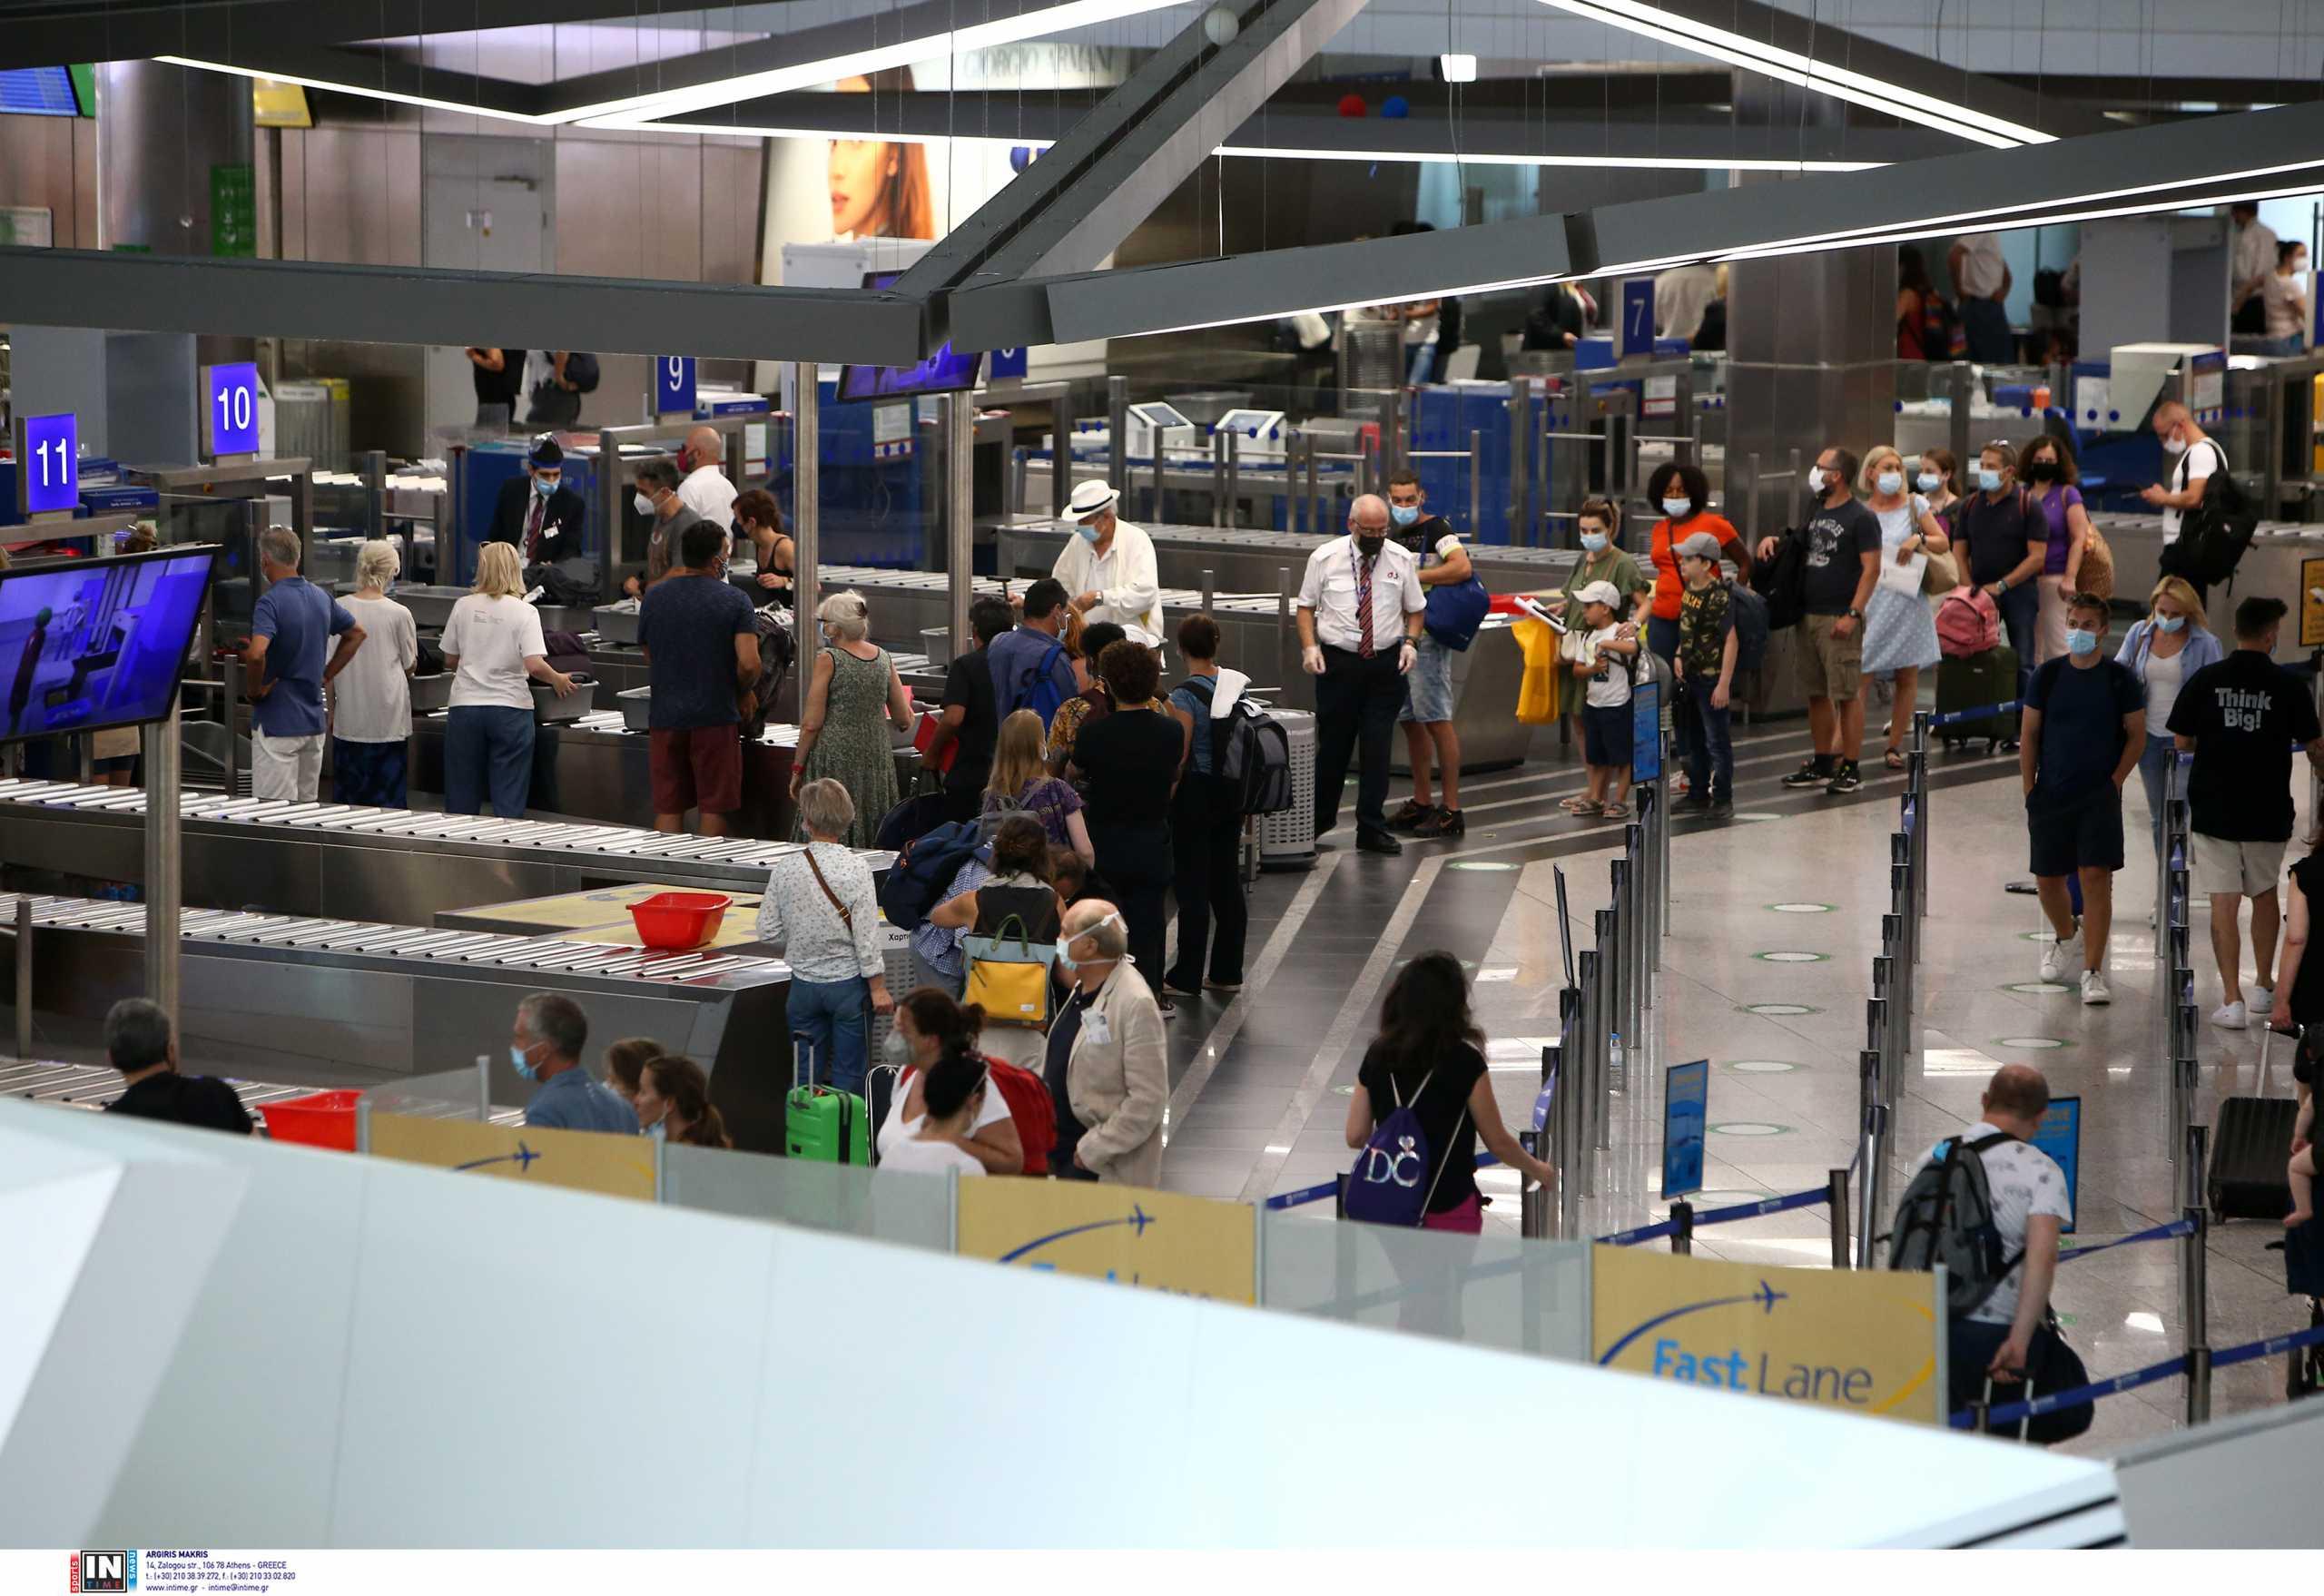 Αεροπορική κίνηση: Βελτιωμένη η εικόνα στα ελληνικά αεροδρόμια, δεν άγγιξε όμως τα επίπεδα του 2019